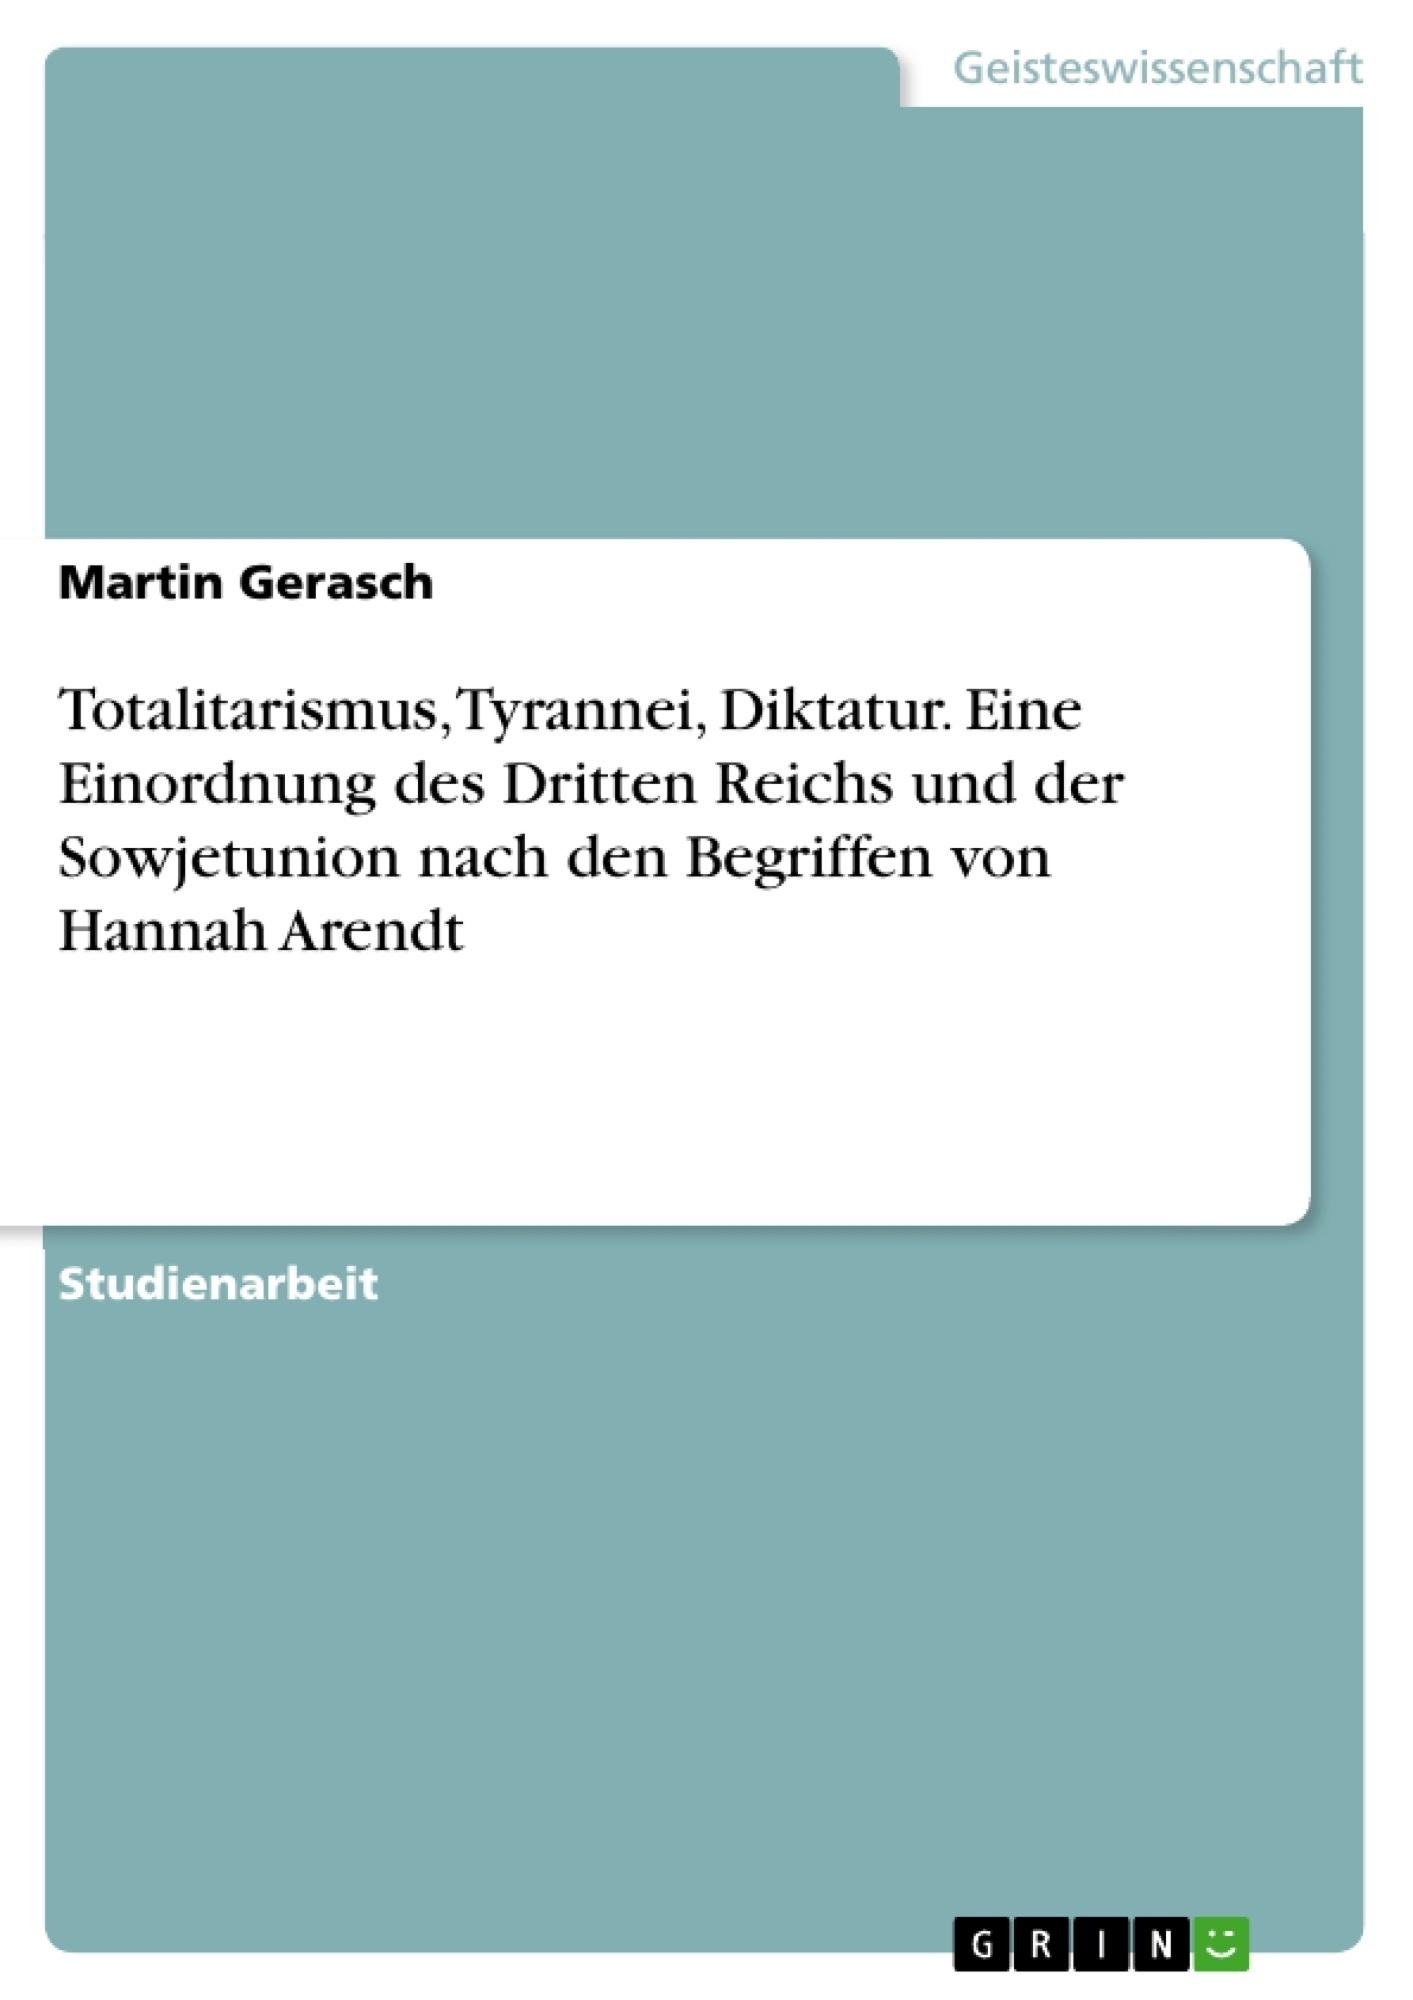 Titel: Totalitarismus, Tyrannei, Diktatur. Eine Einordnung des Dritten Reichs und der Sowjetunion nach den Begriffen von Hannah Arendt